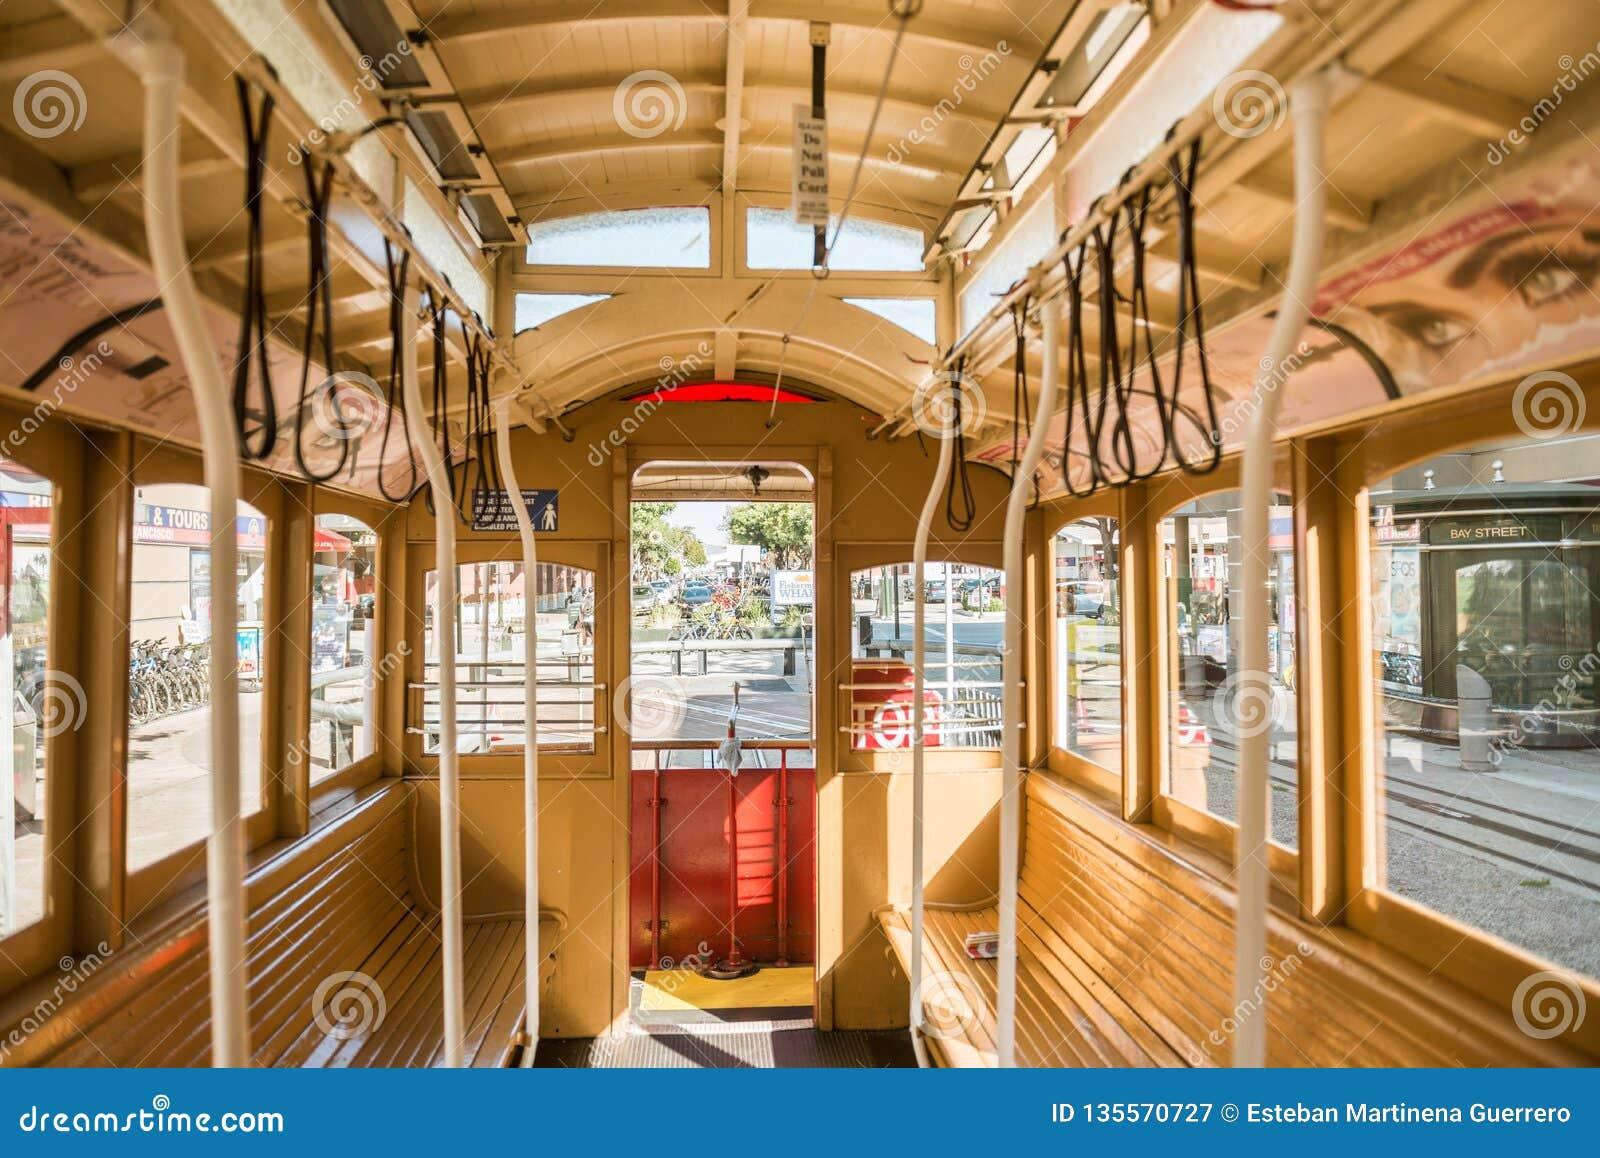 Detalle del interior de uno del teleférico de los coches de la tranvía de San Francisco, California, los E.E.U.U.